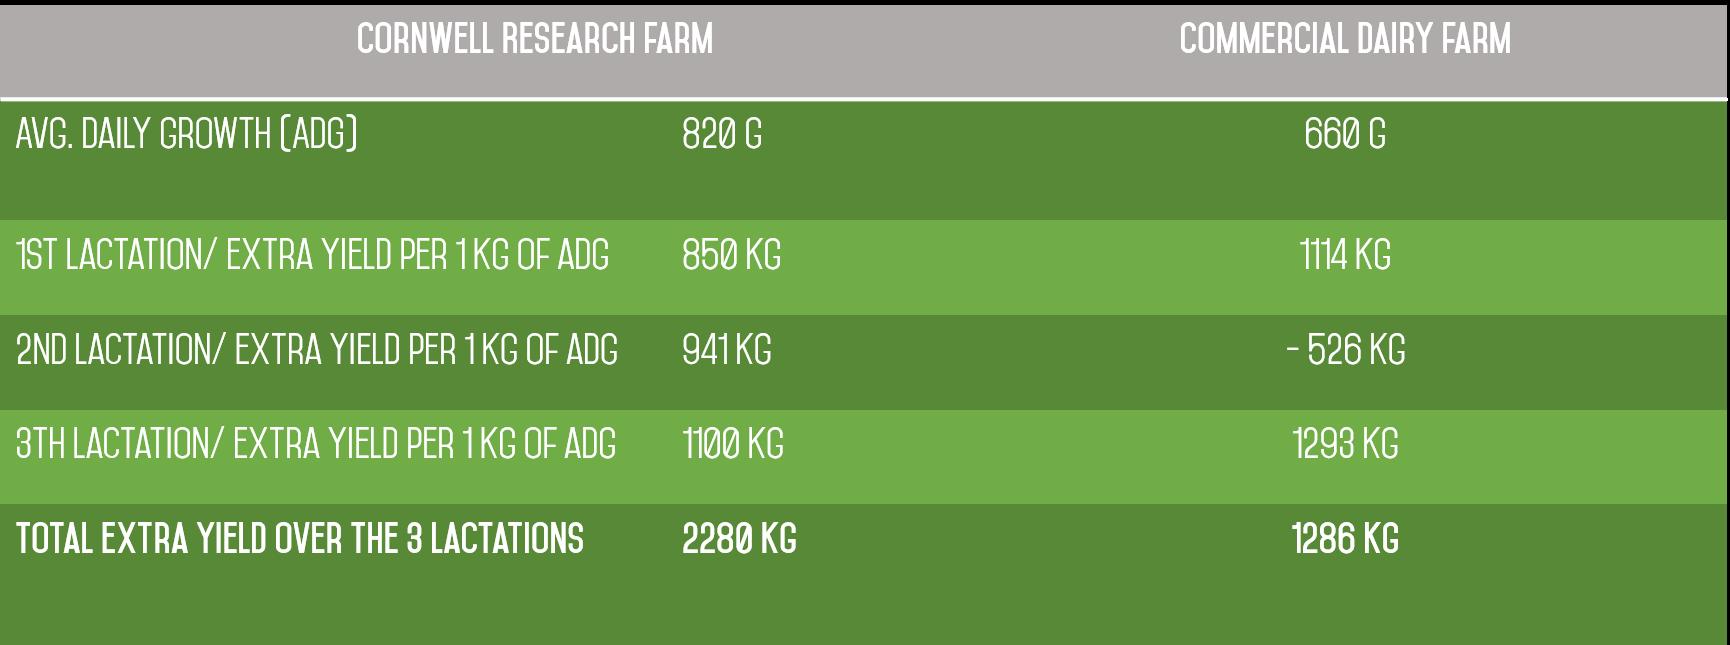 Total milk yield